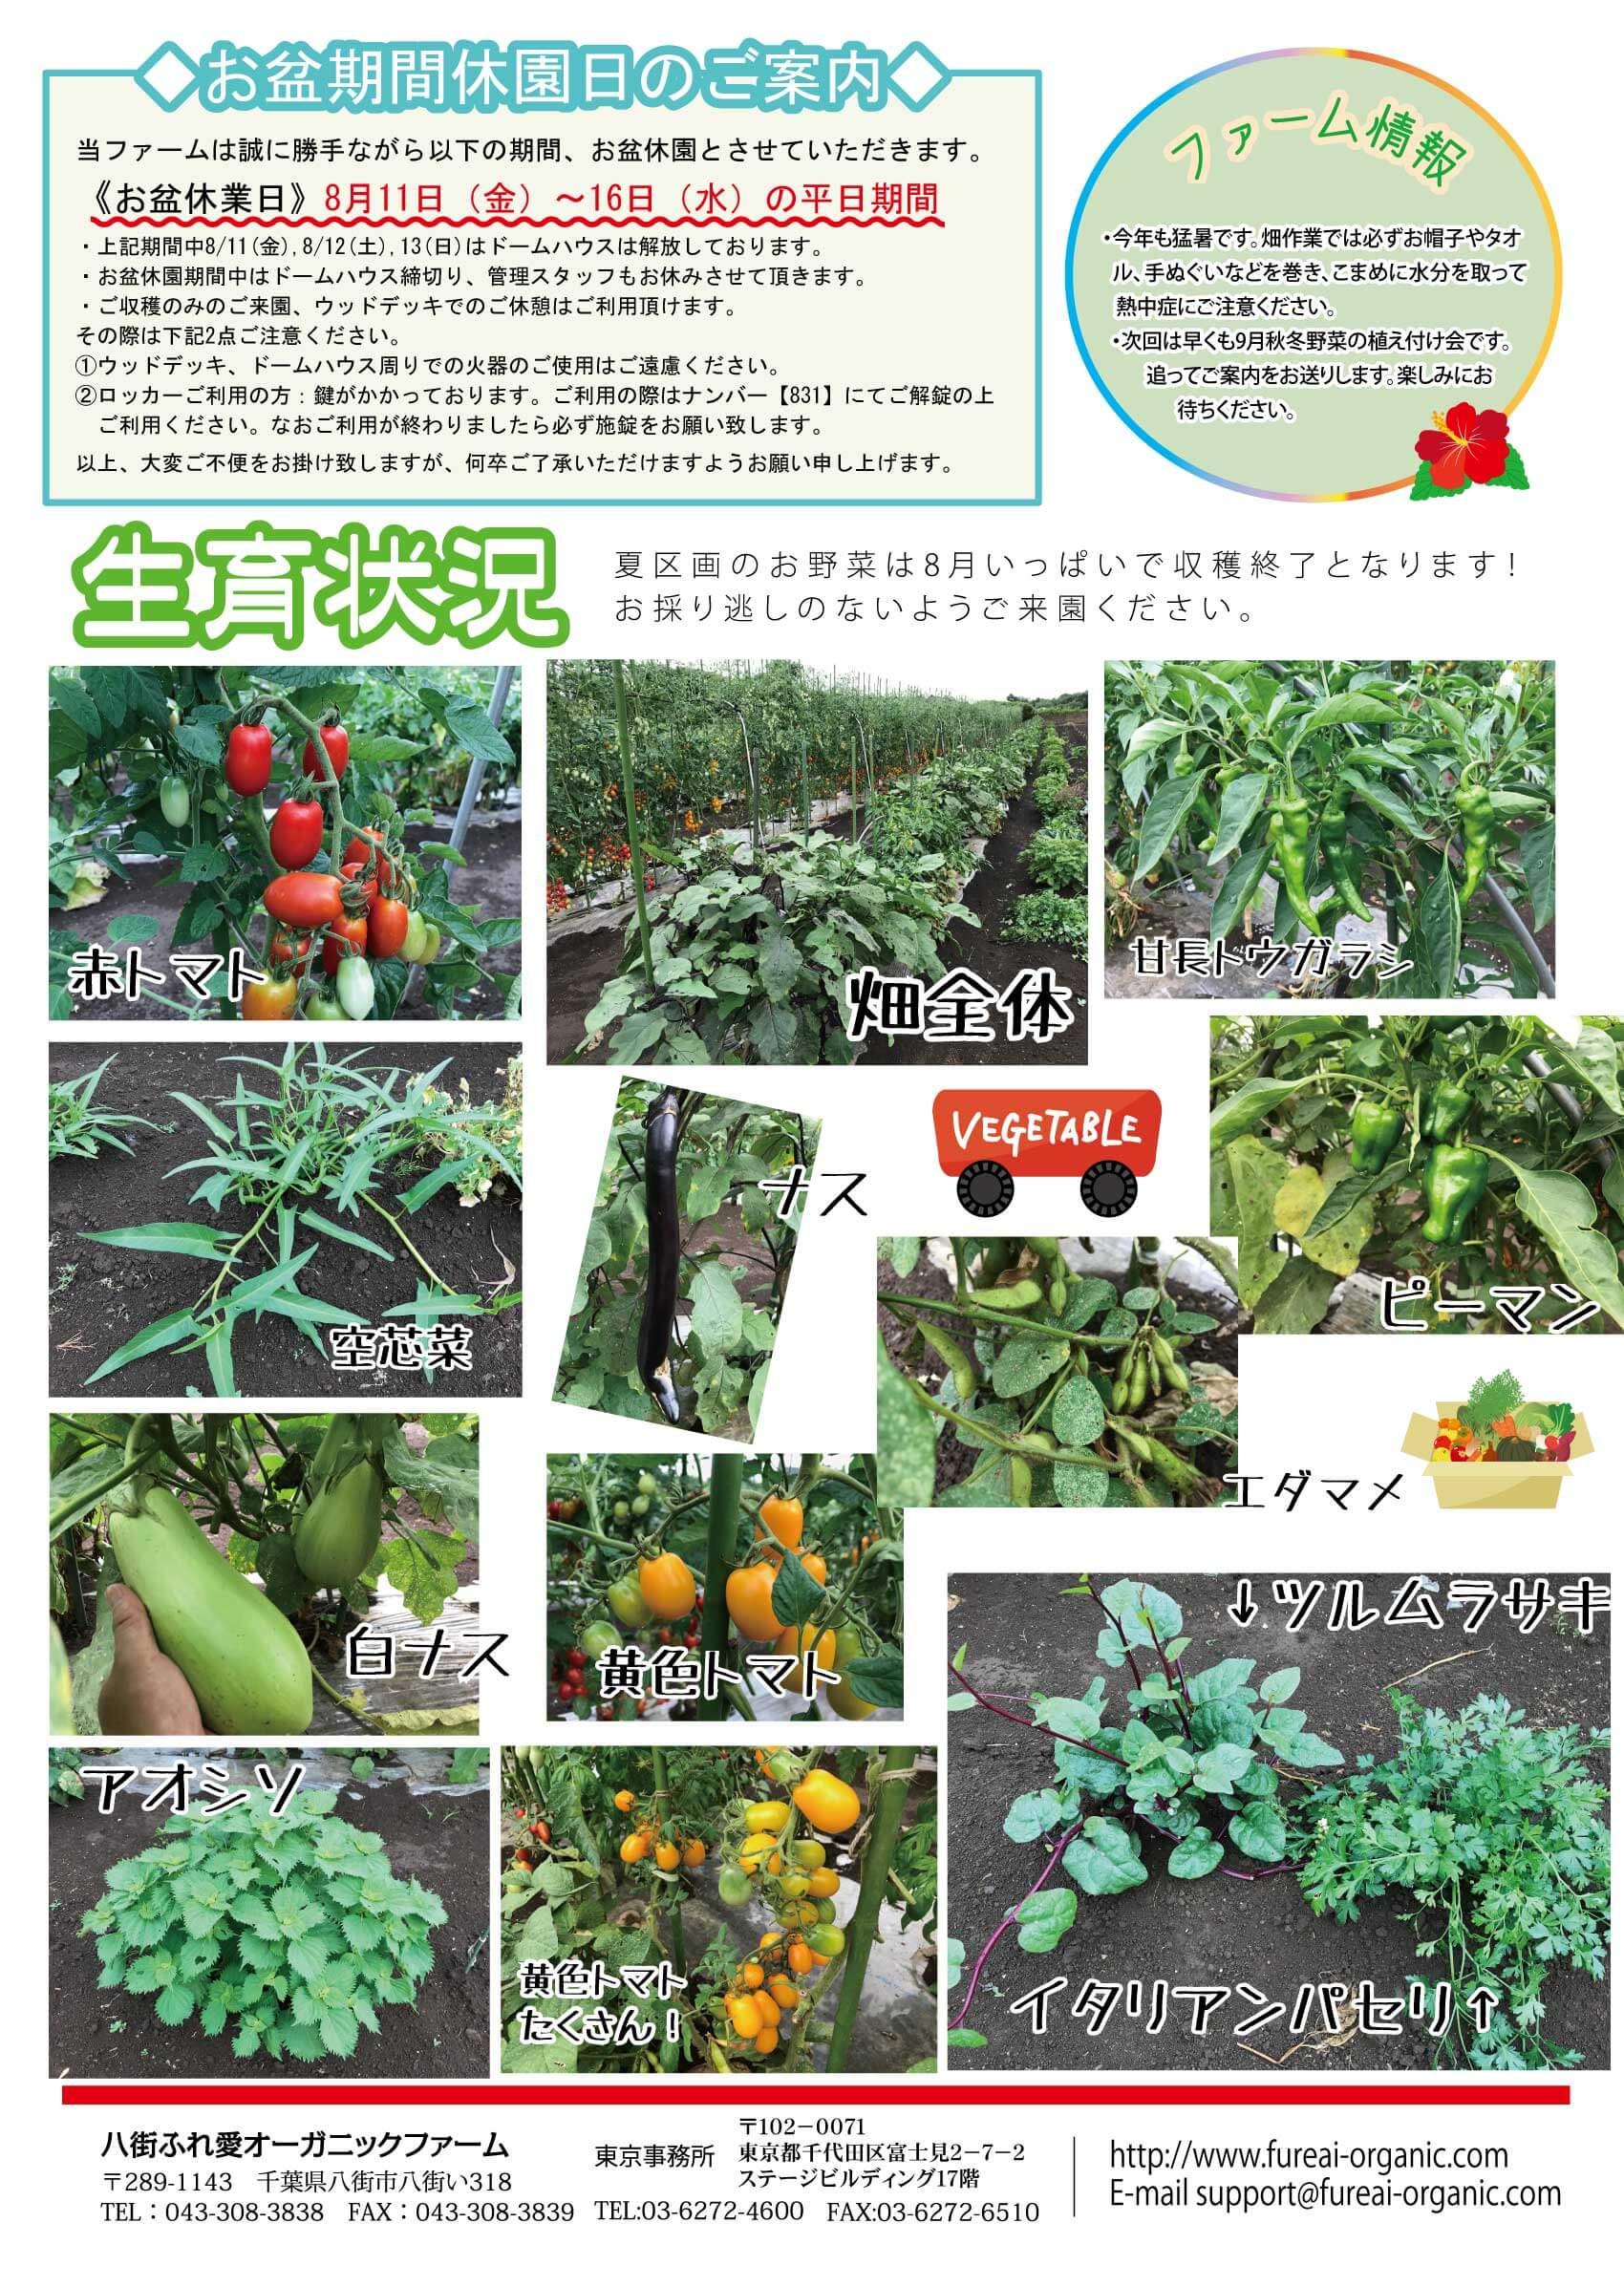 ファーム情報 今年も猛暑です。畑作業では必ずお帽子やタオル、手ぬぐいなどを巻き、こまめに水分を取って熱中症にご注意ください。次回は早くも9月秋冬野菜の植え付け会です。追ってご案内をお送りします。楽しみにお待ちください。